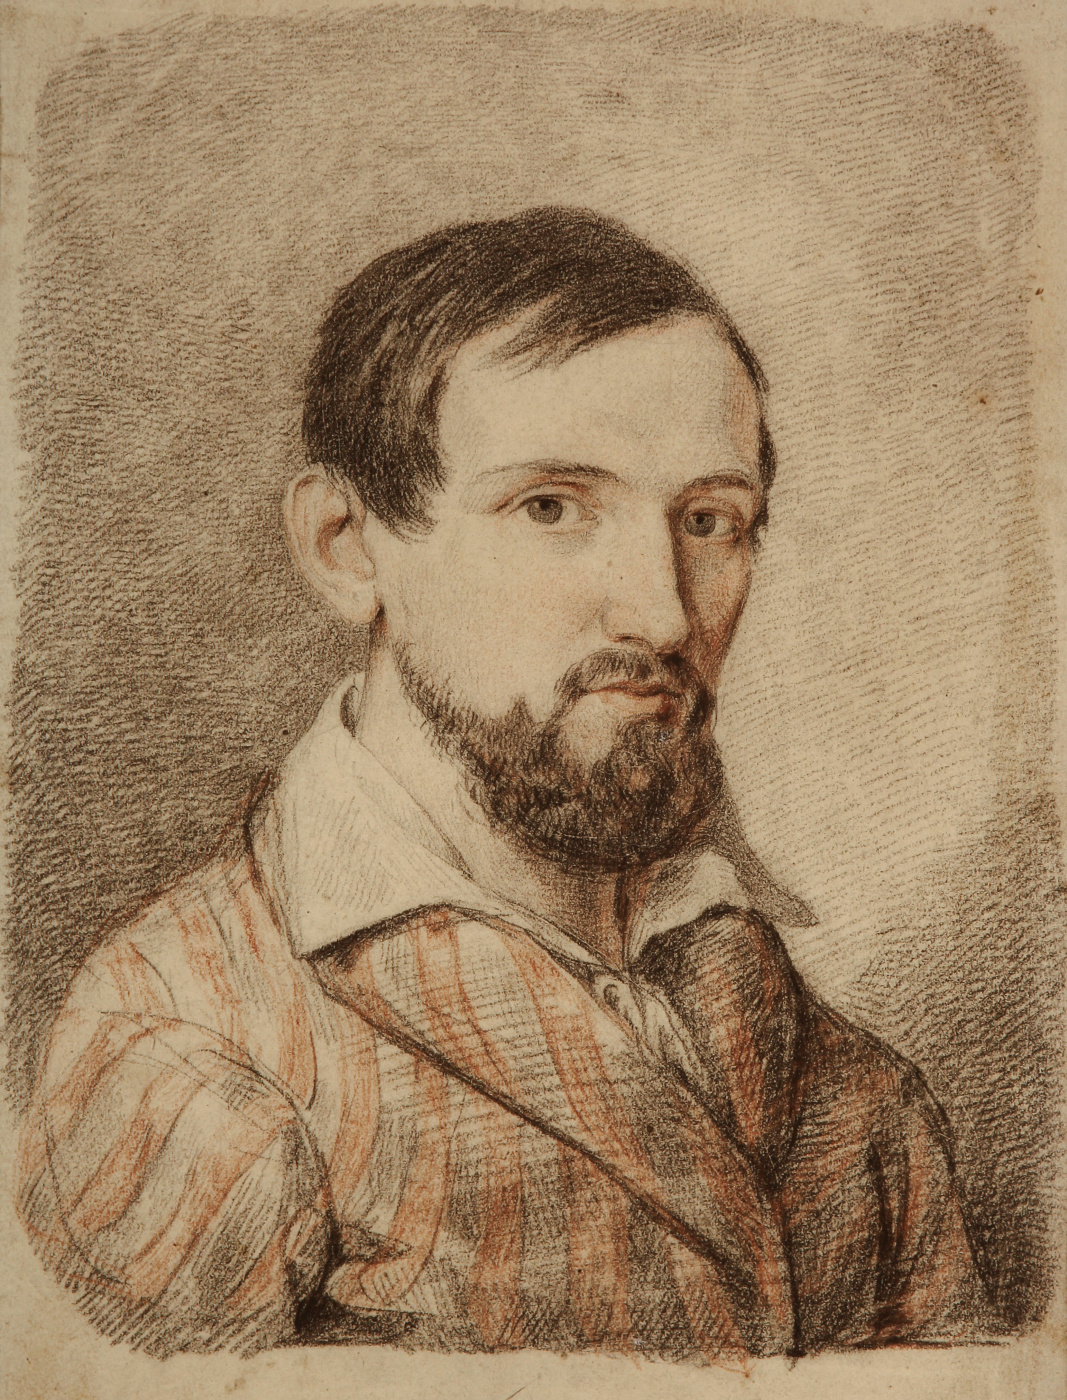 Valentine Mel'chiorovich Vankovich. Self portrait. 1842